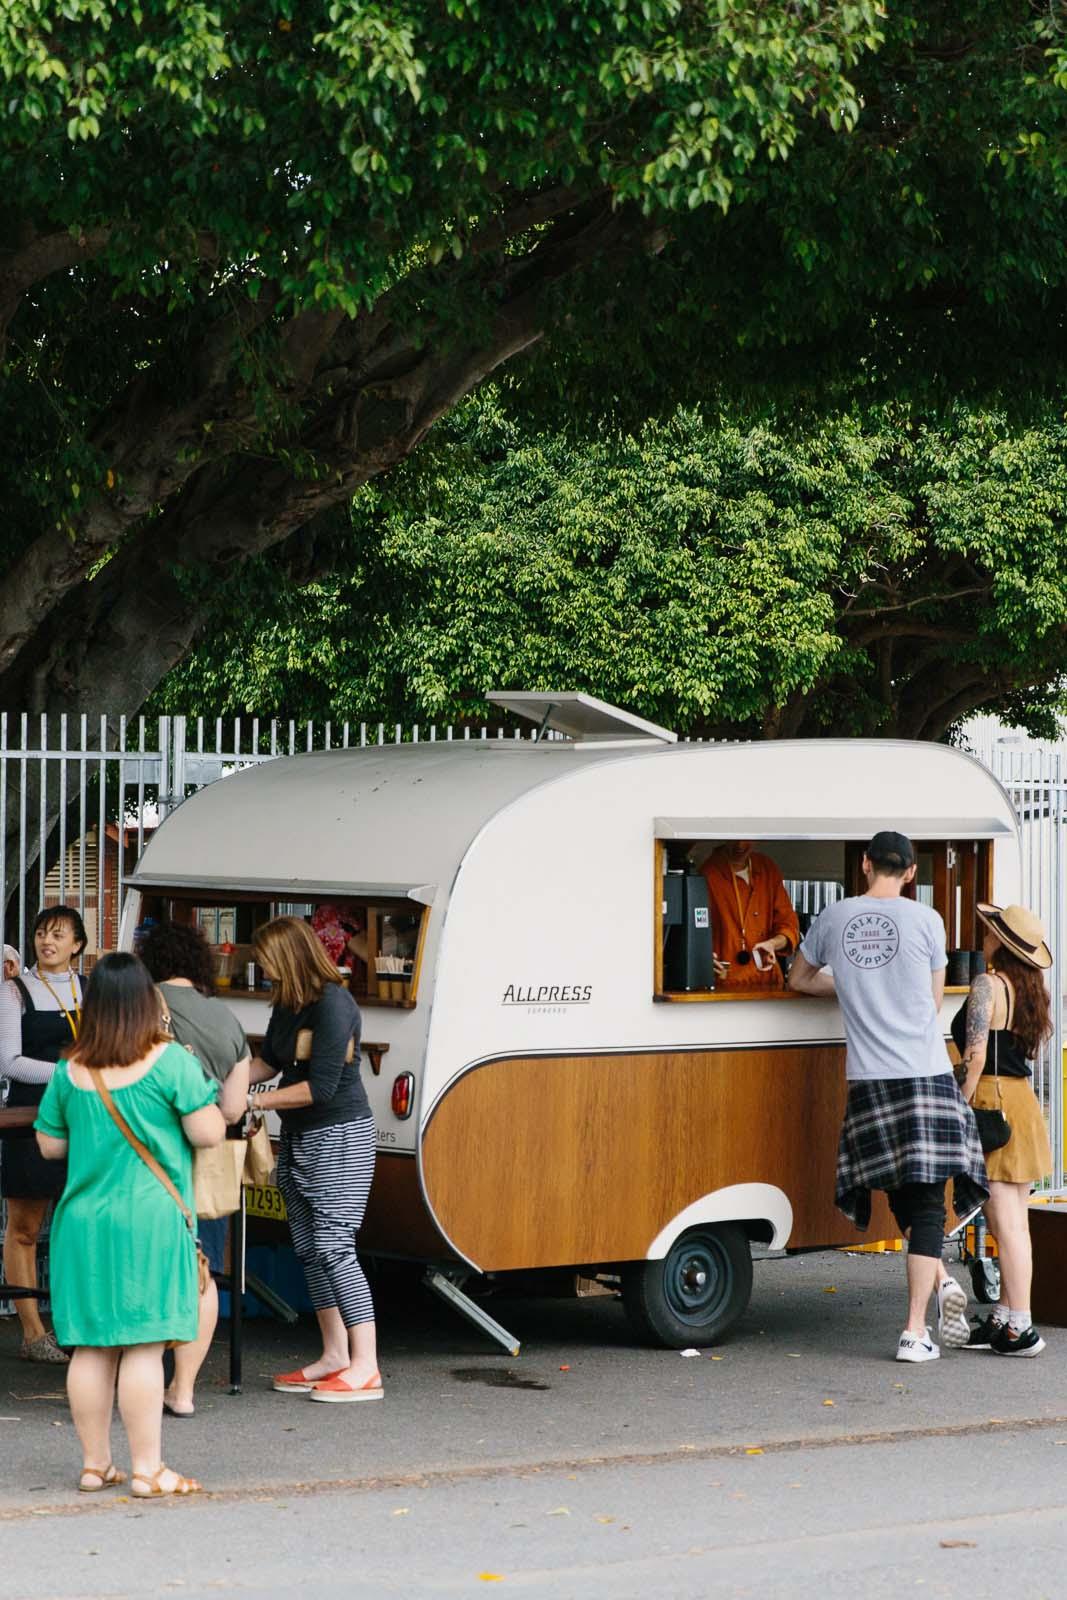 Allpress coffee cart